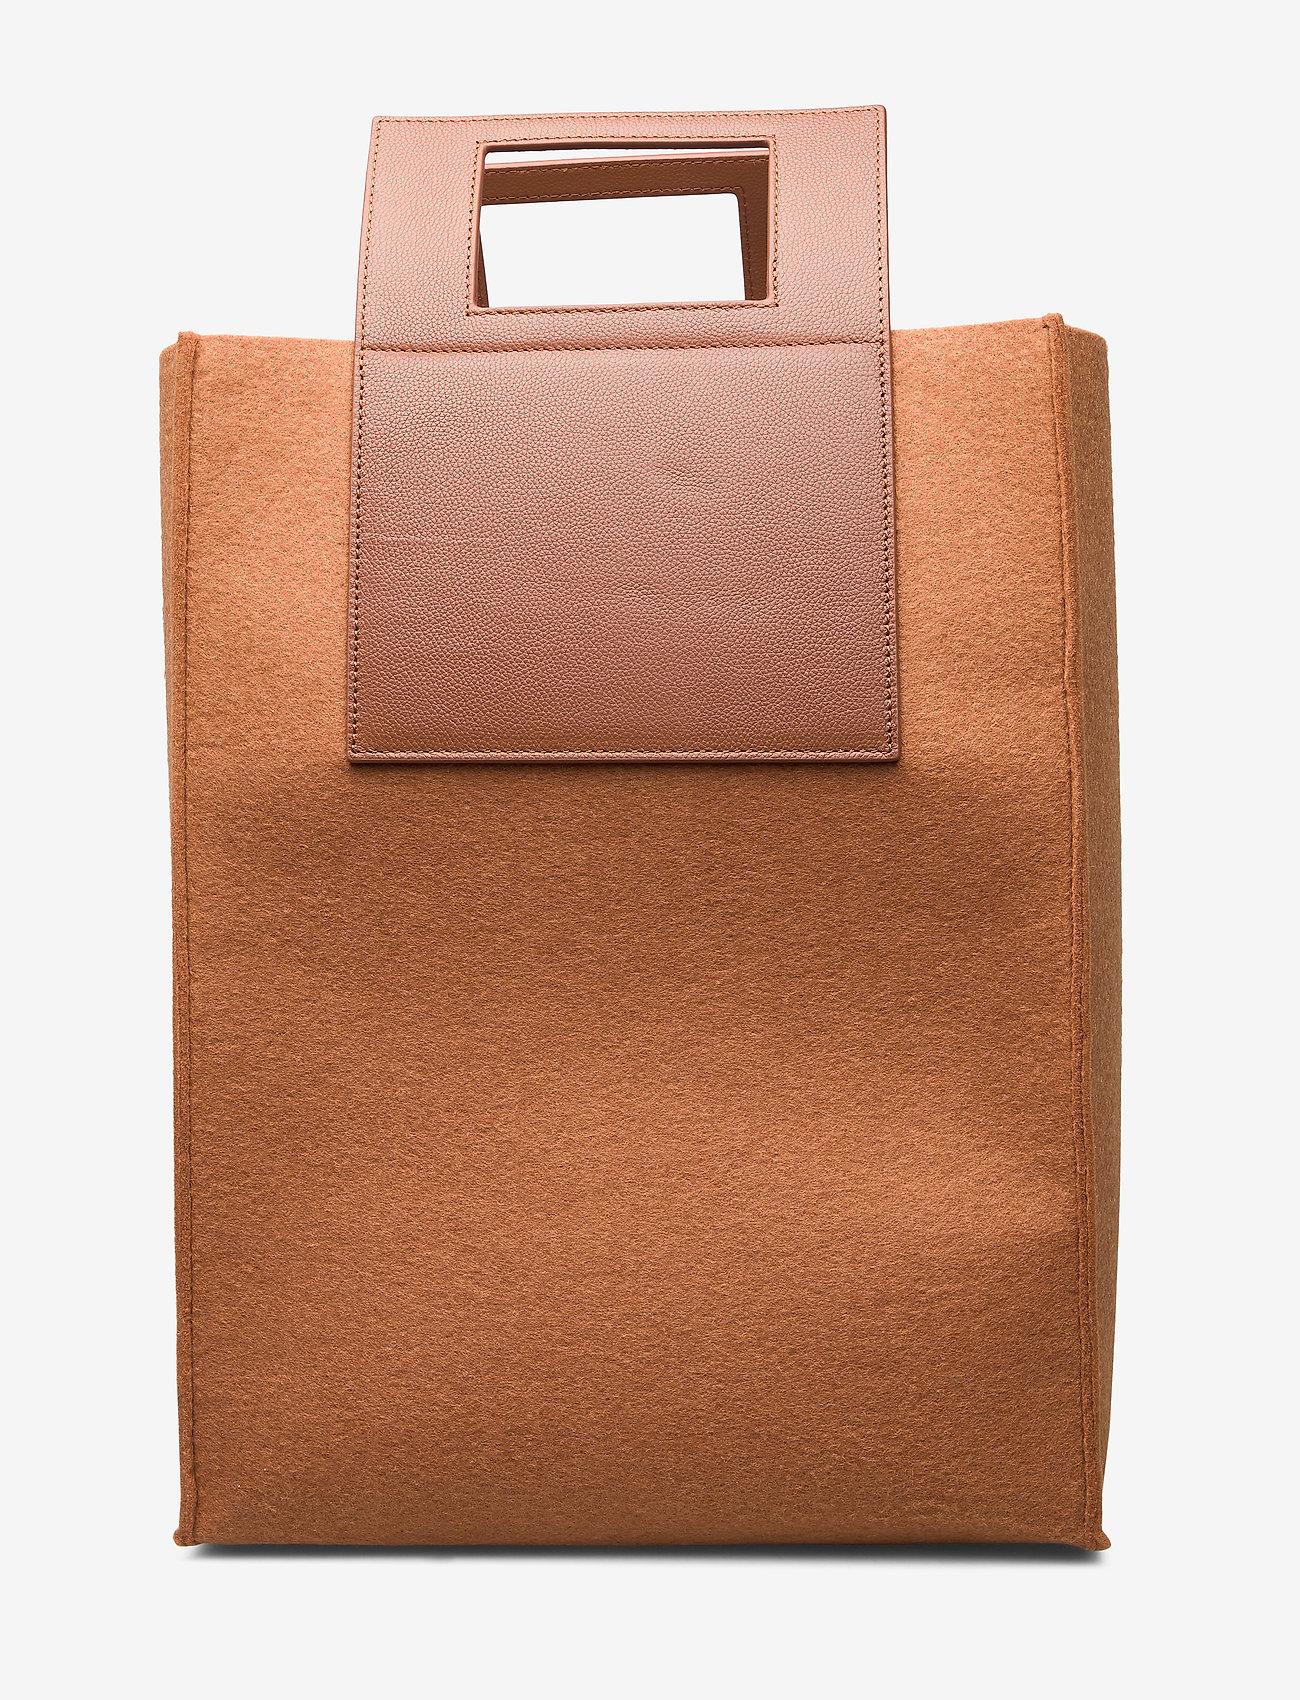 Carry Big Bag (Camel) - HOLZWEILER W1ydNs